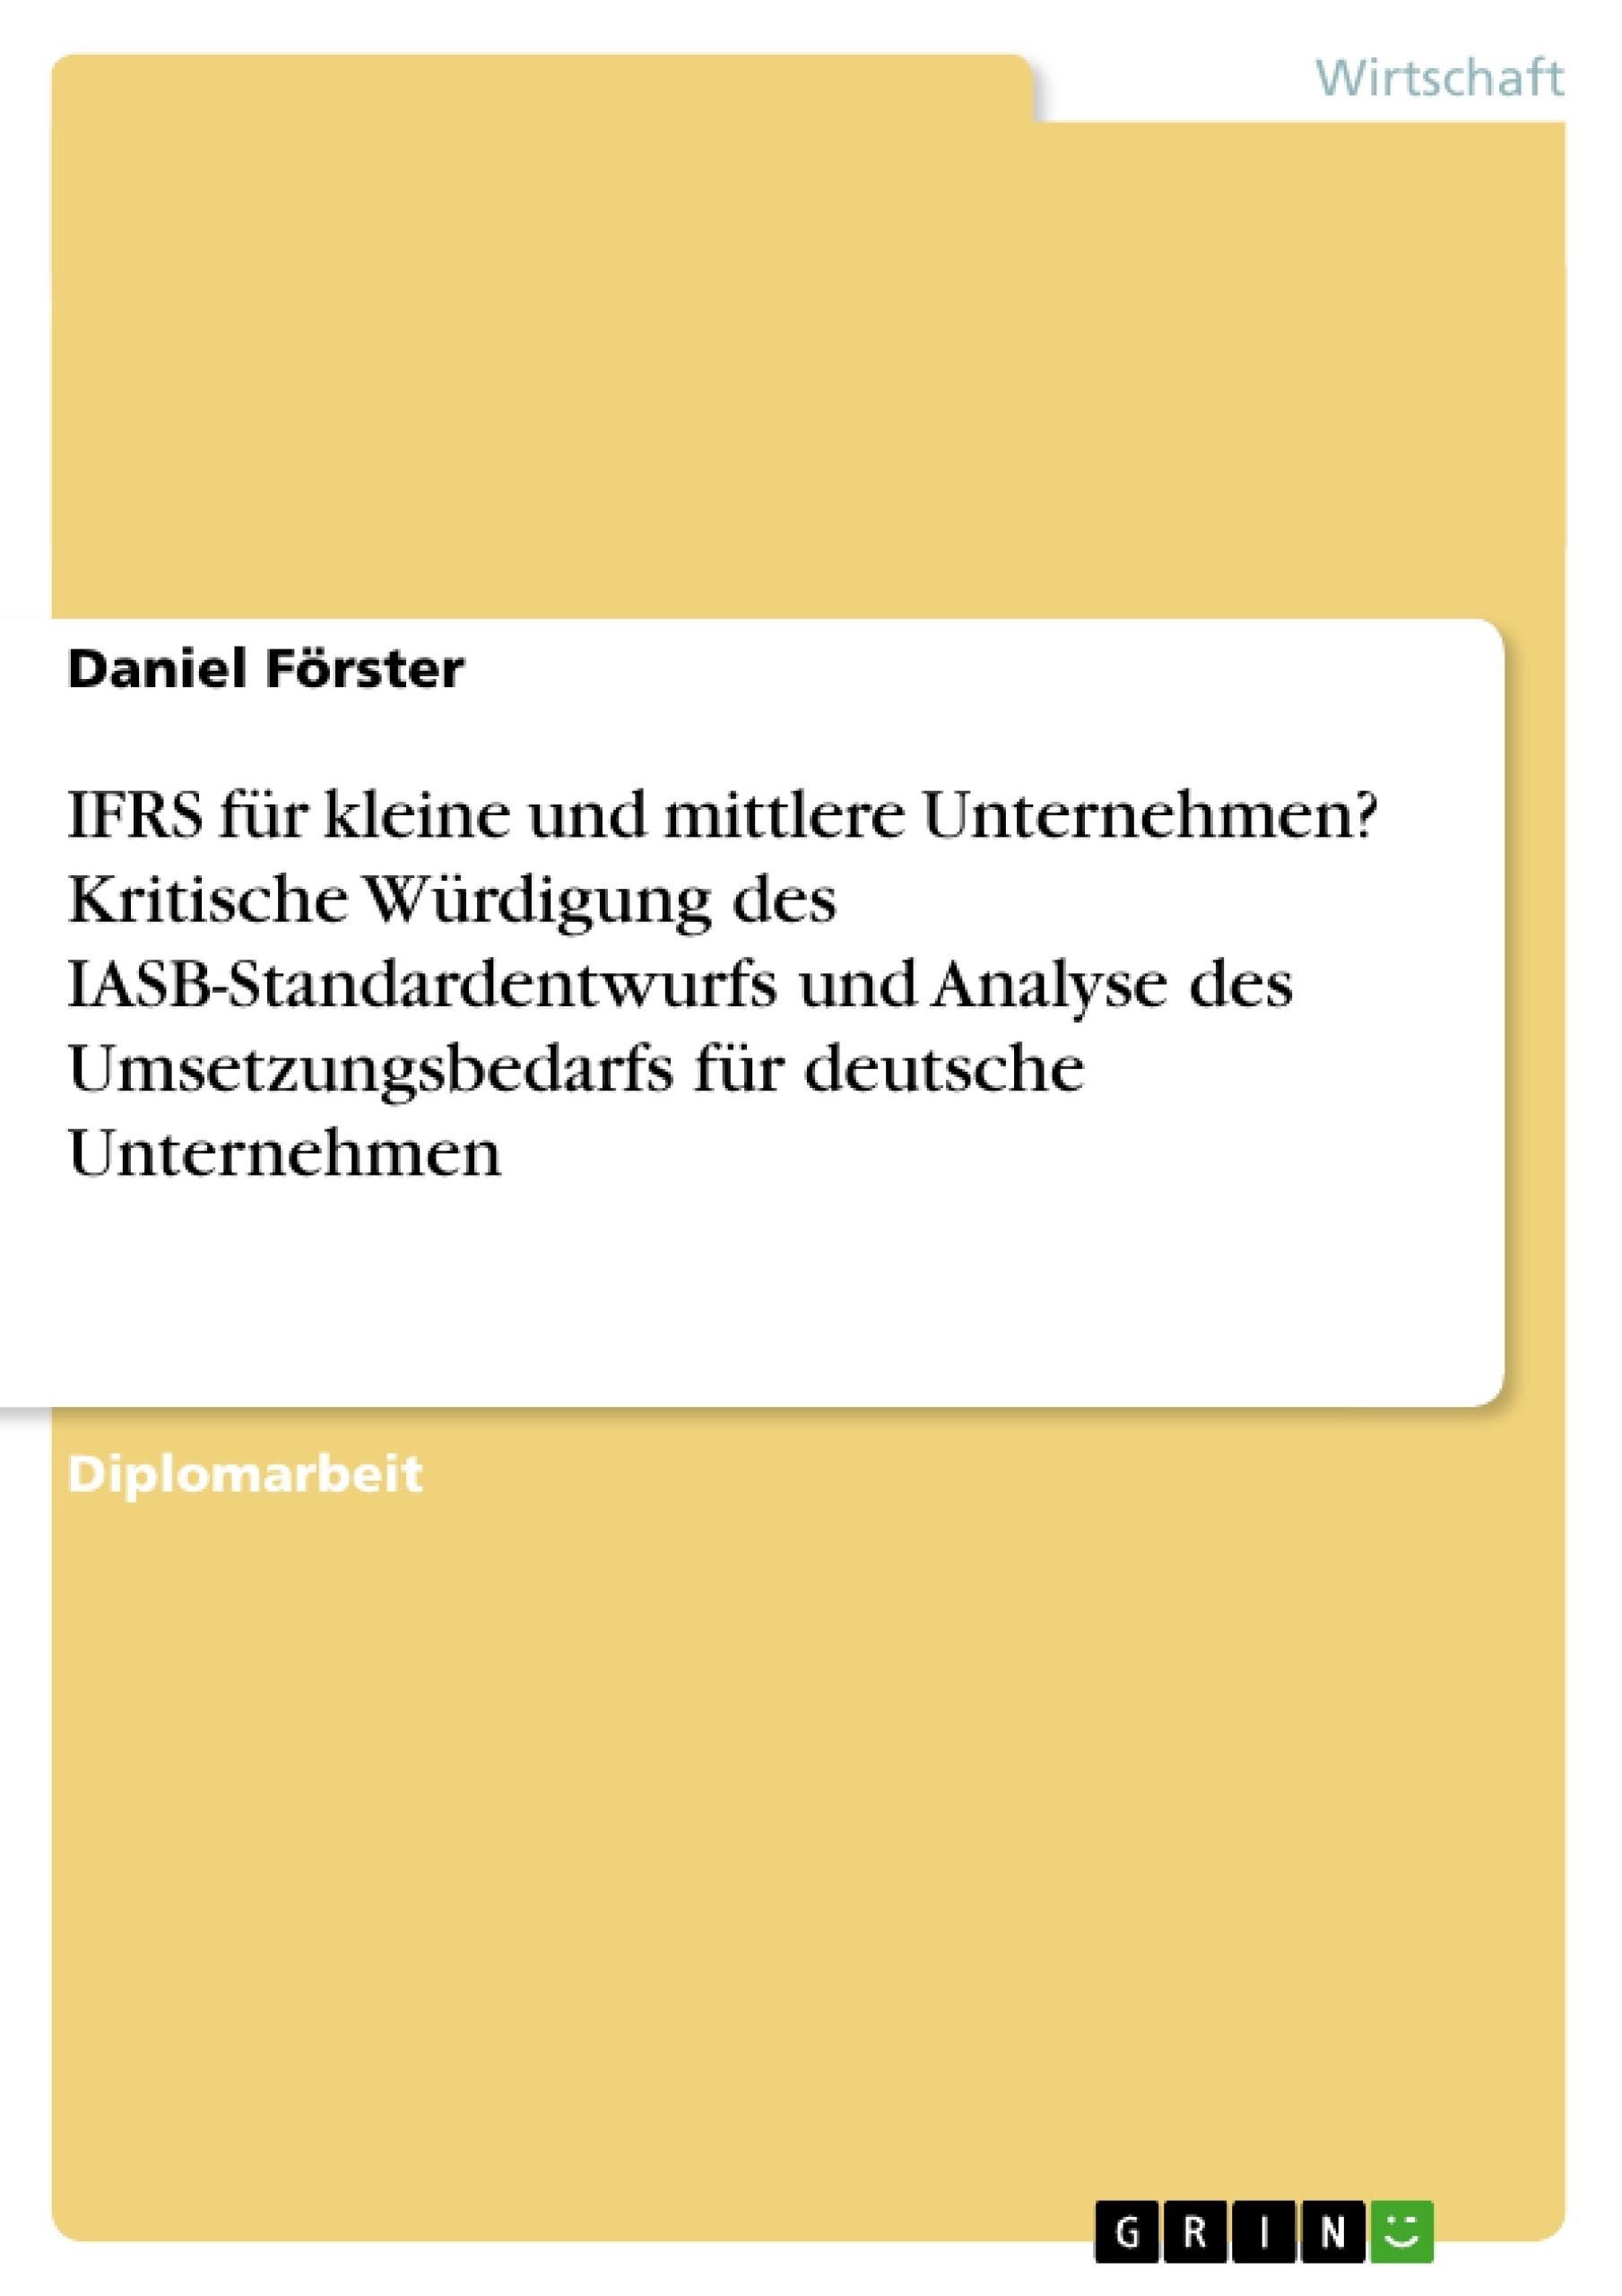 Titel: IFRS für kleine und mittlere Unternehmen? Kritische Würdigung des IASB-Standardentwurfs und Analyse des Umsetzungsbedarfs für deutsche Unternehmen